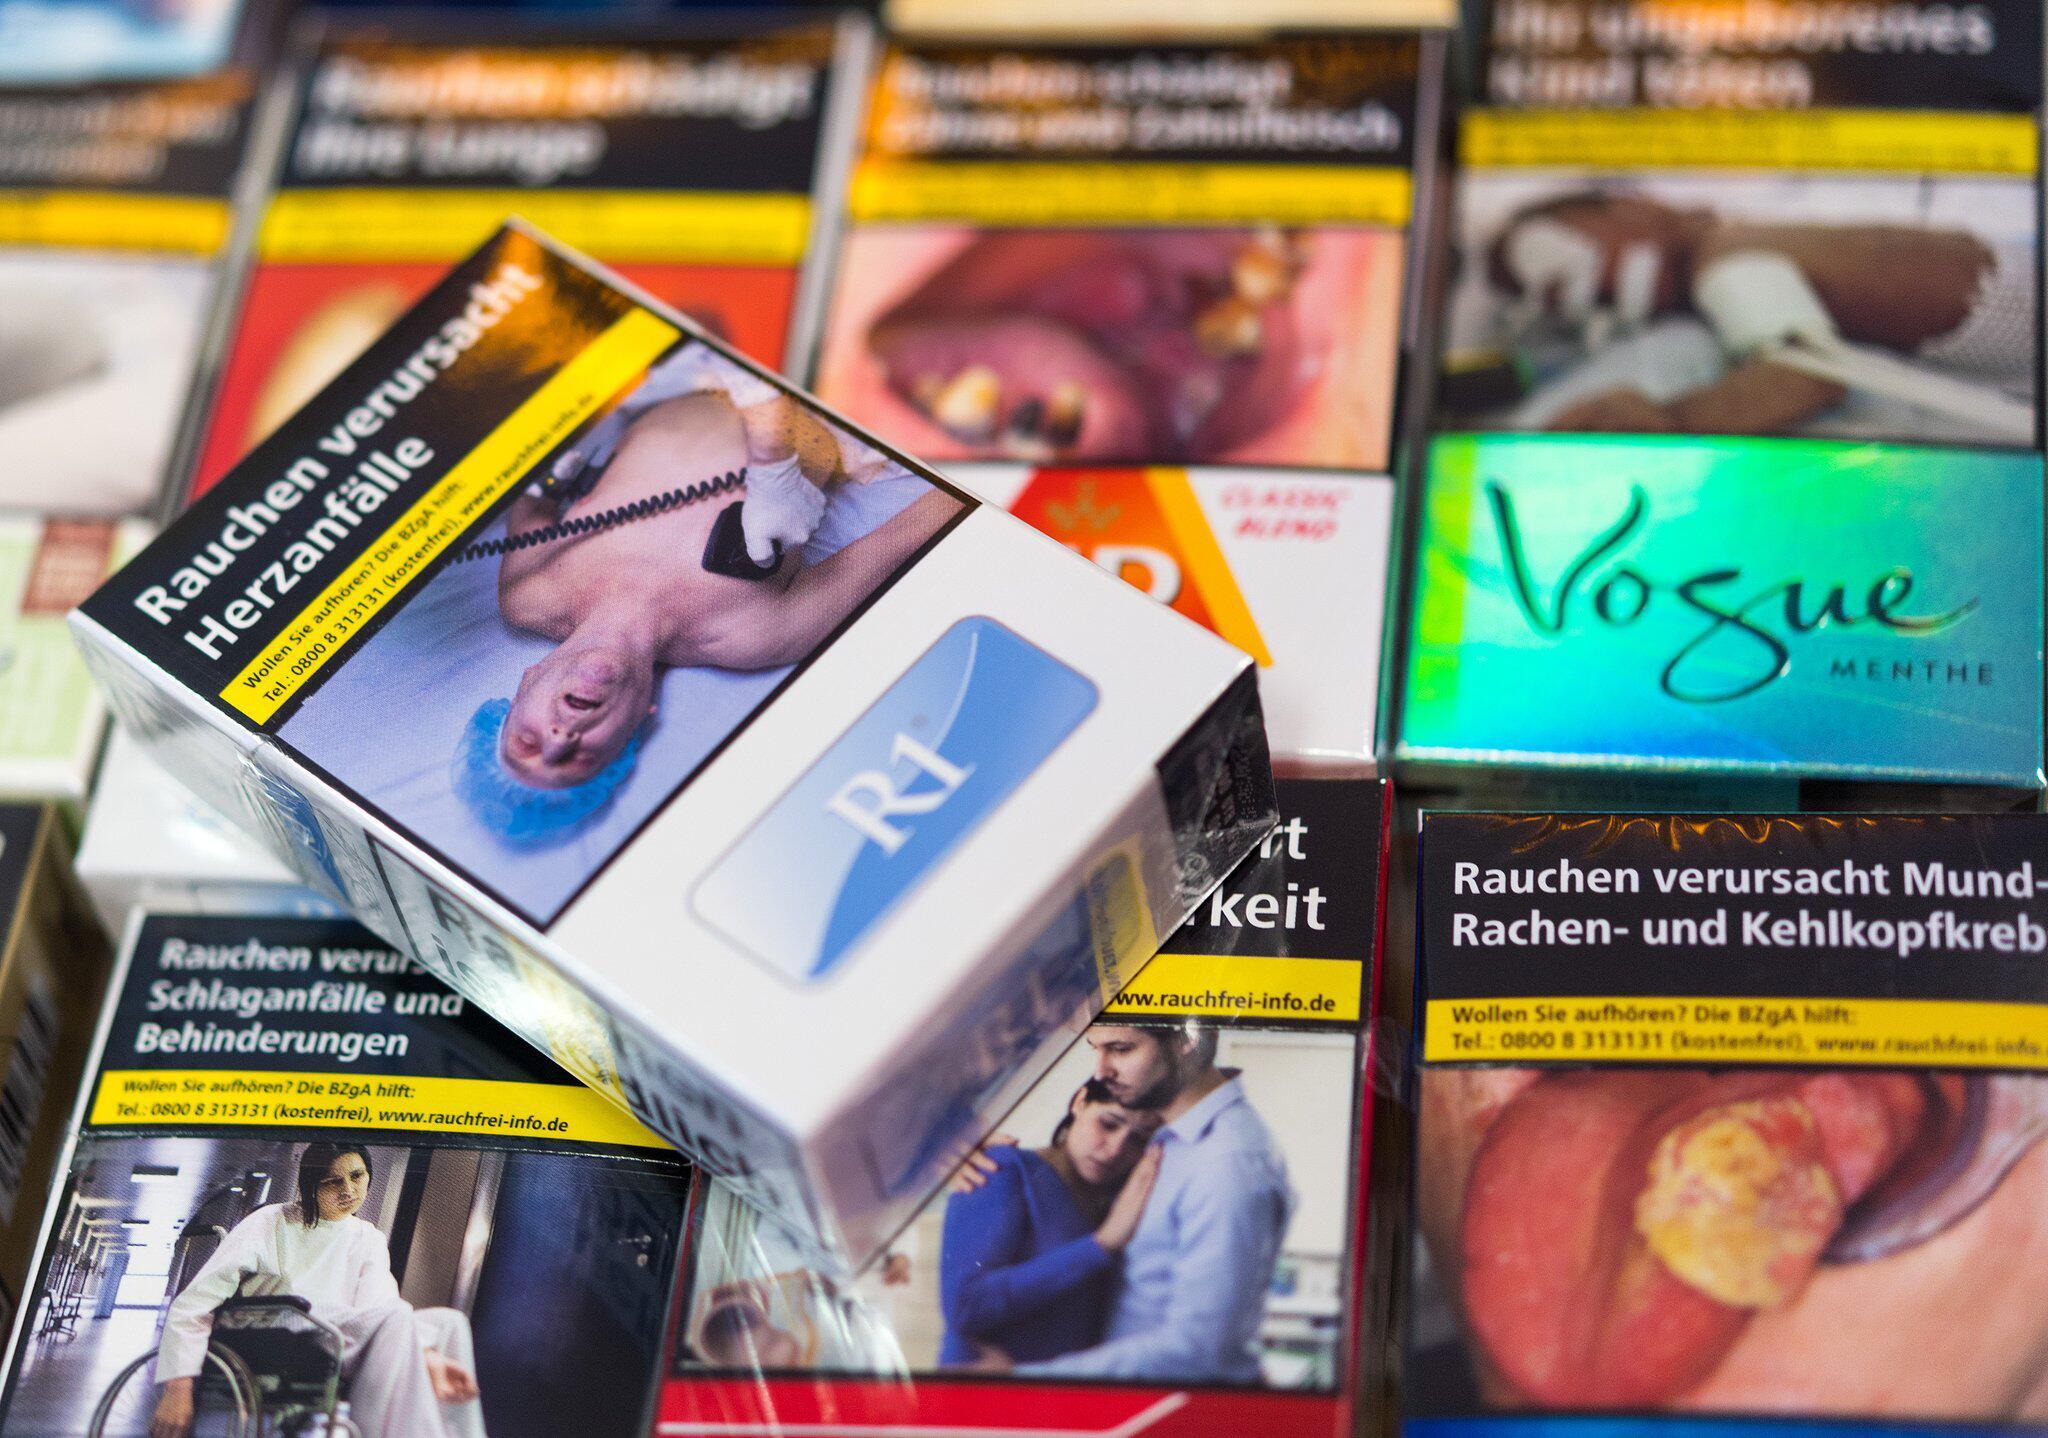 Bild zu Schockbilder auf Zigarettenschachteln